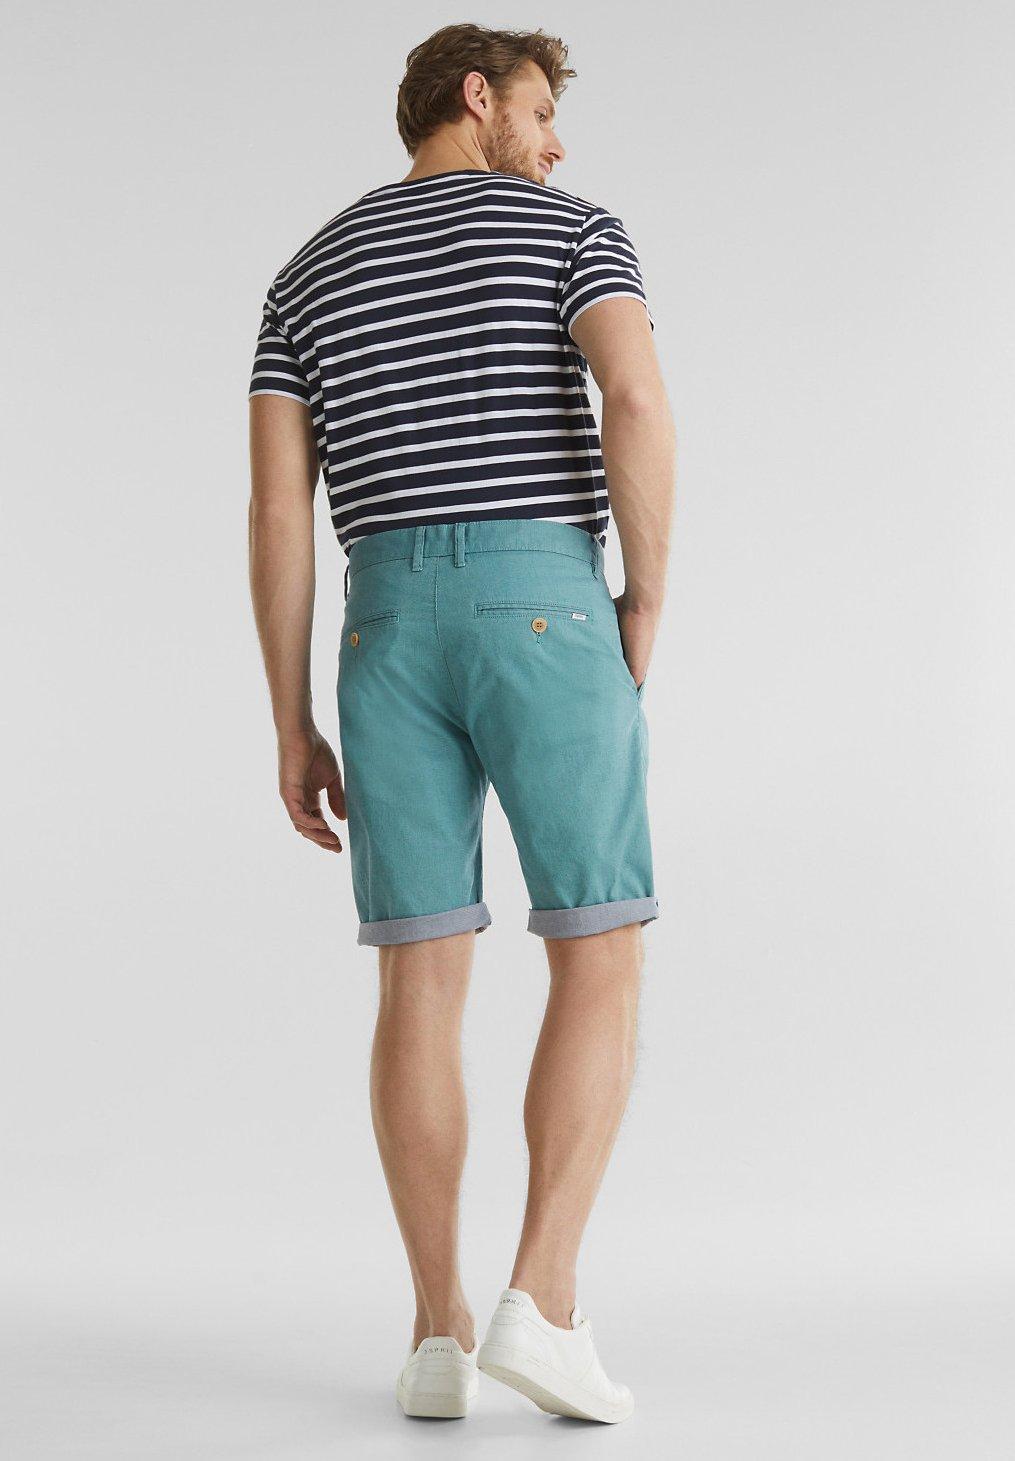 Esprit Mit Wasch-effekt - Shorts Teal Green